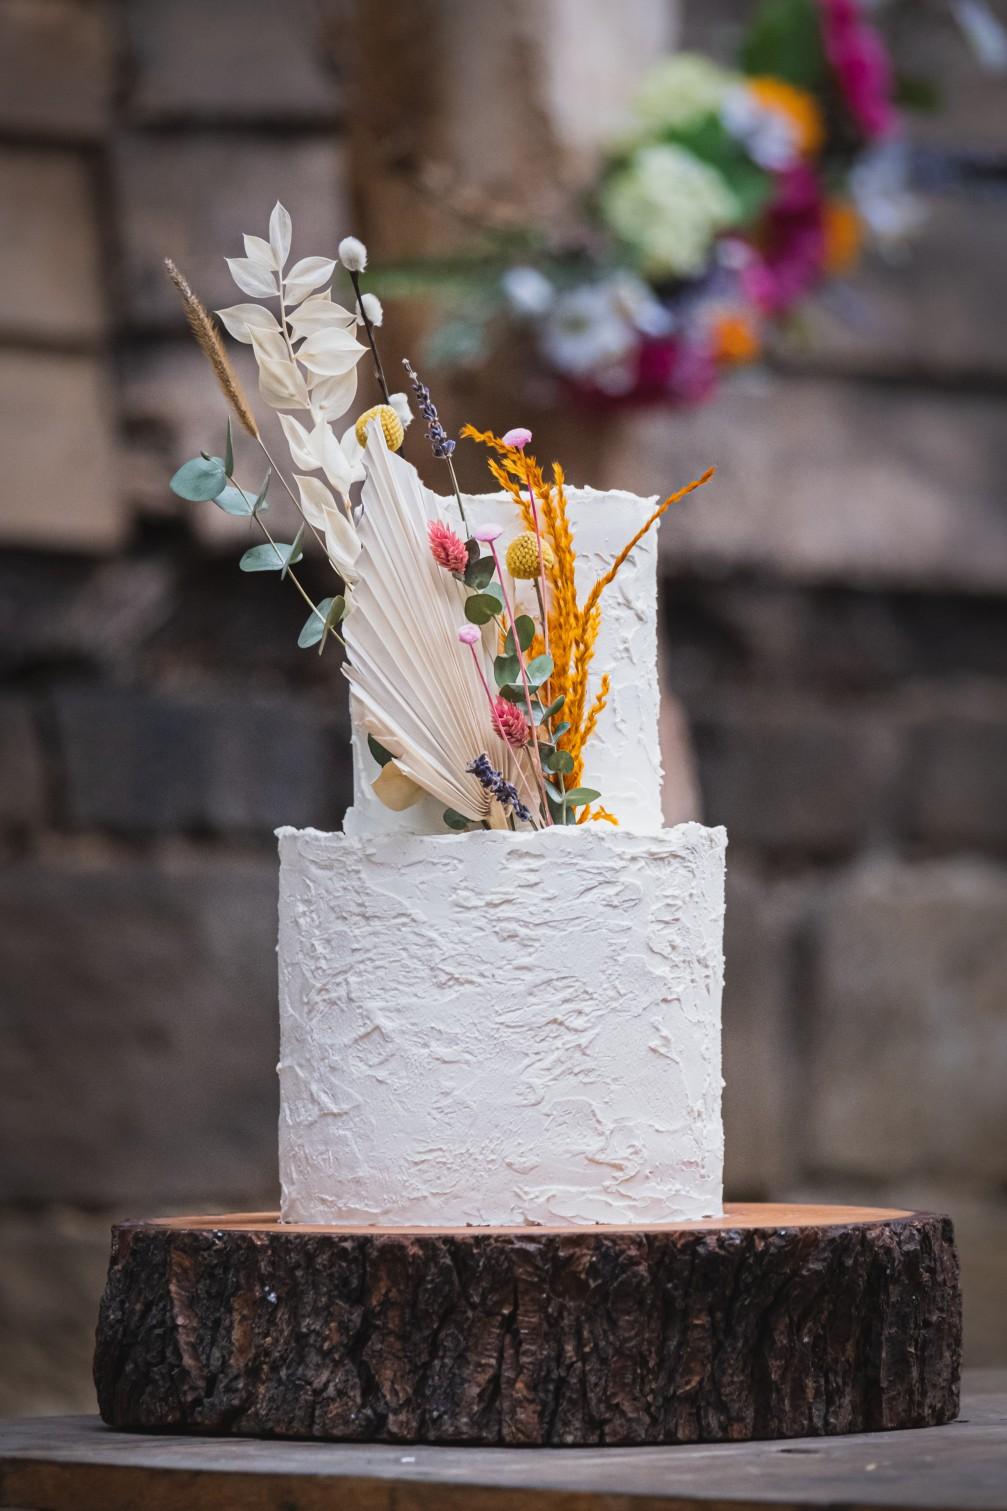 colourful micro wedding at patricks barn - unique wedding cake - boho wedding cake - artistic wedding cake